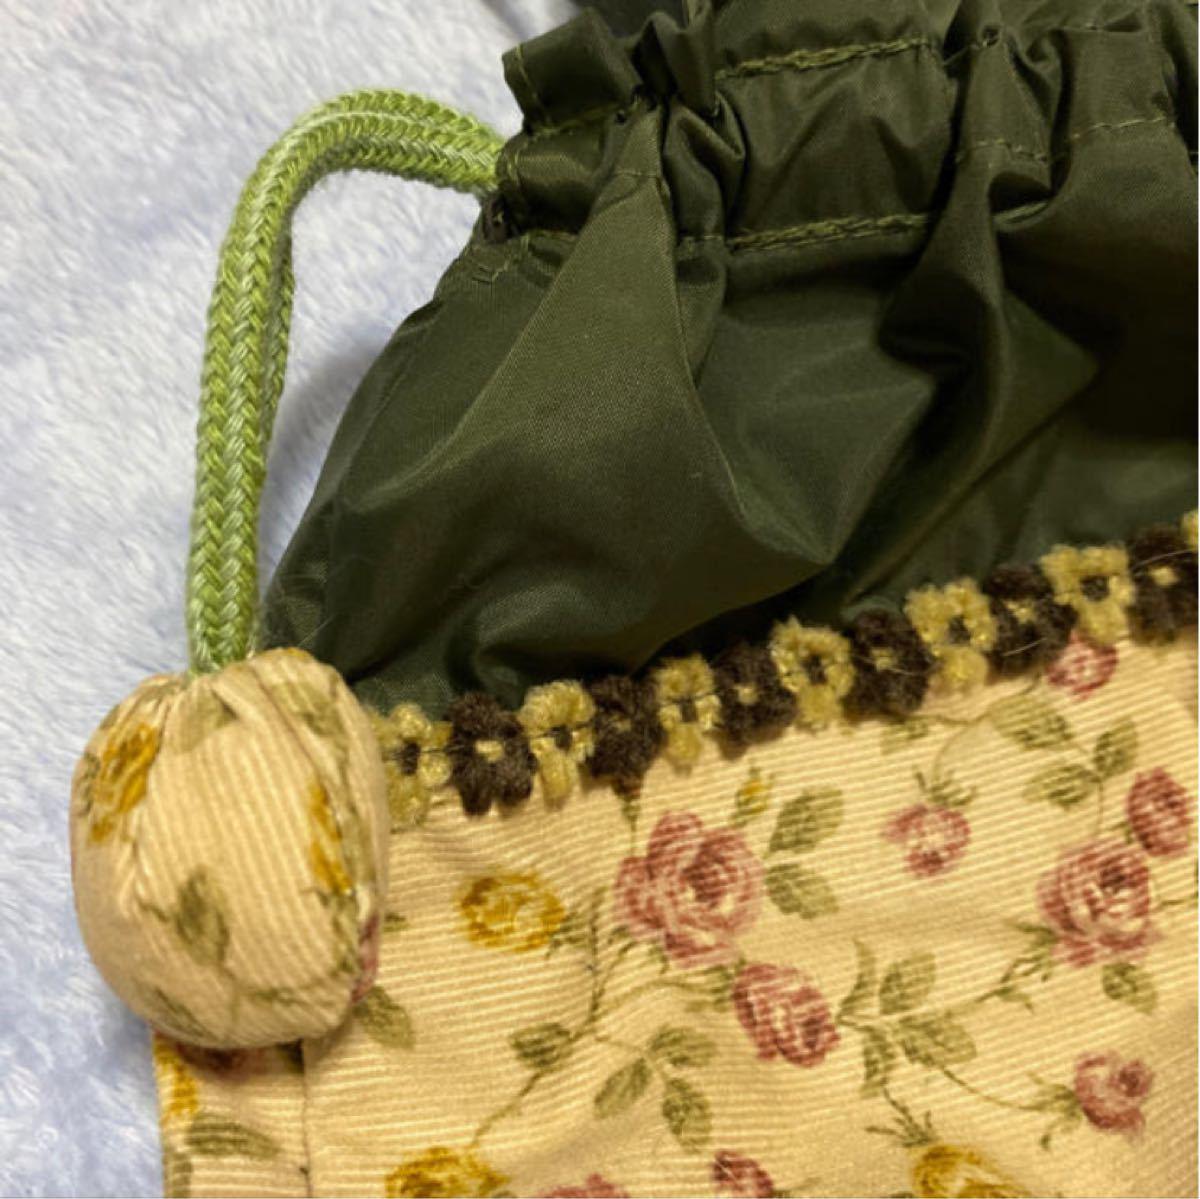 ハンドメイド 巾着袋 弁当袋 花柄 ぼんぼん ポーチ 小物入れ